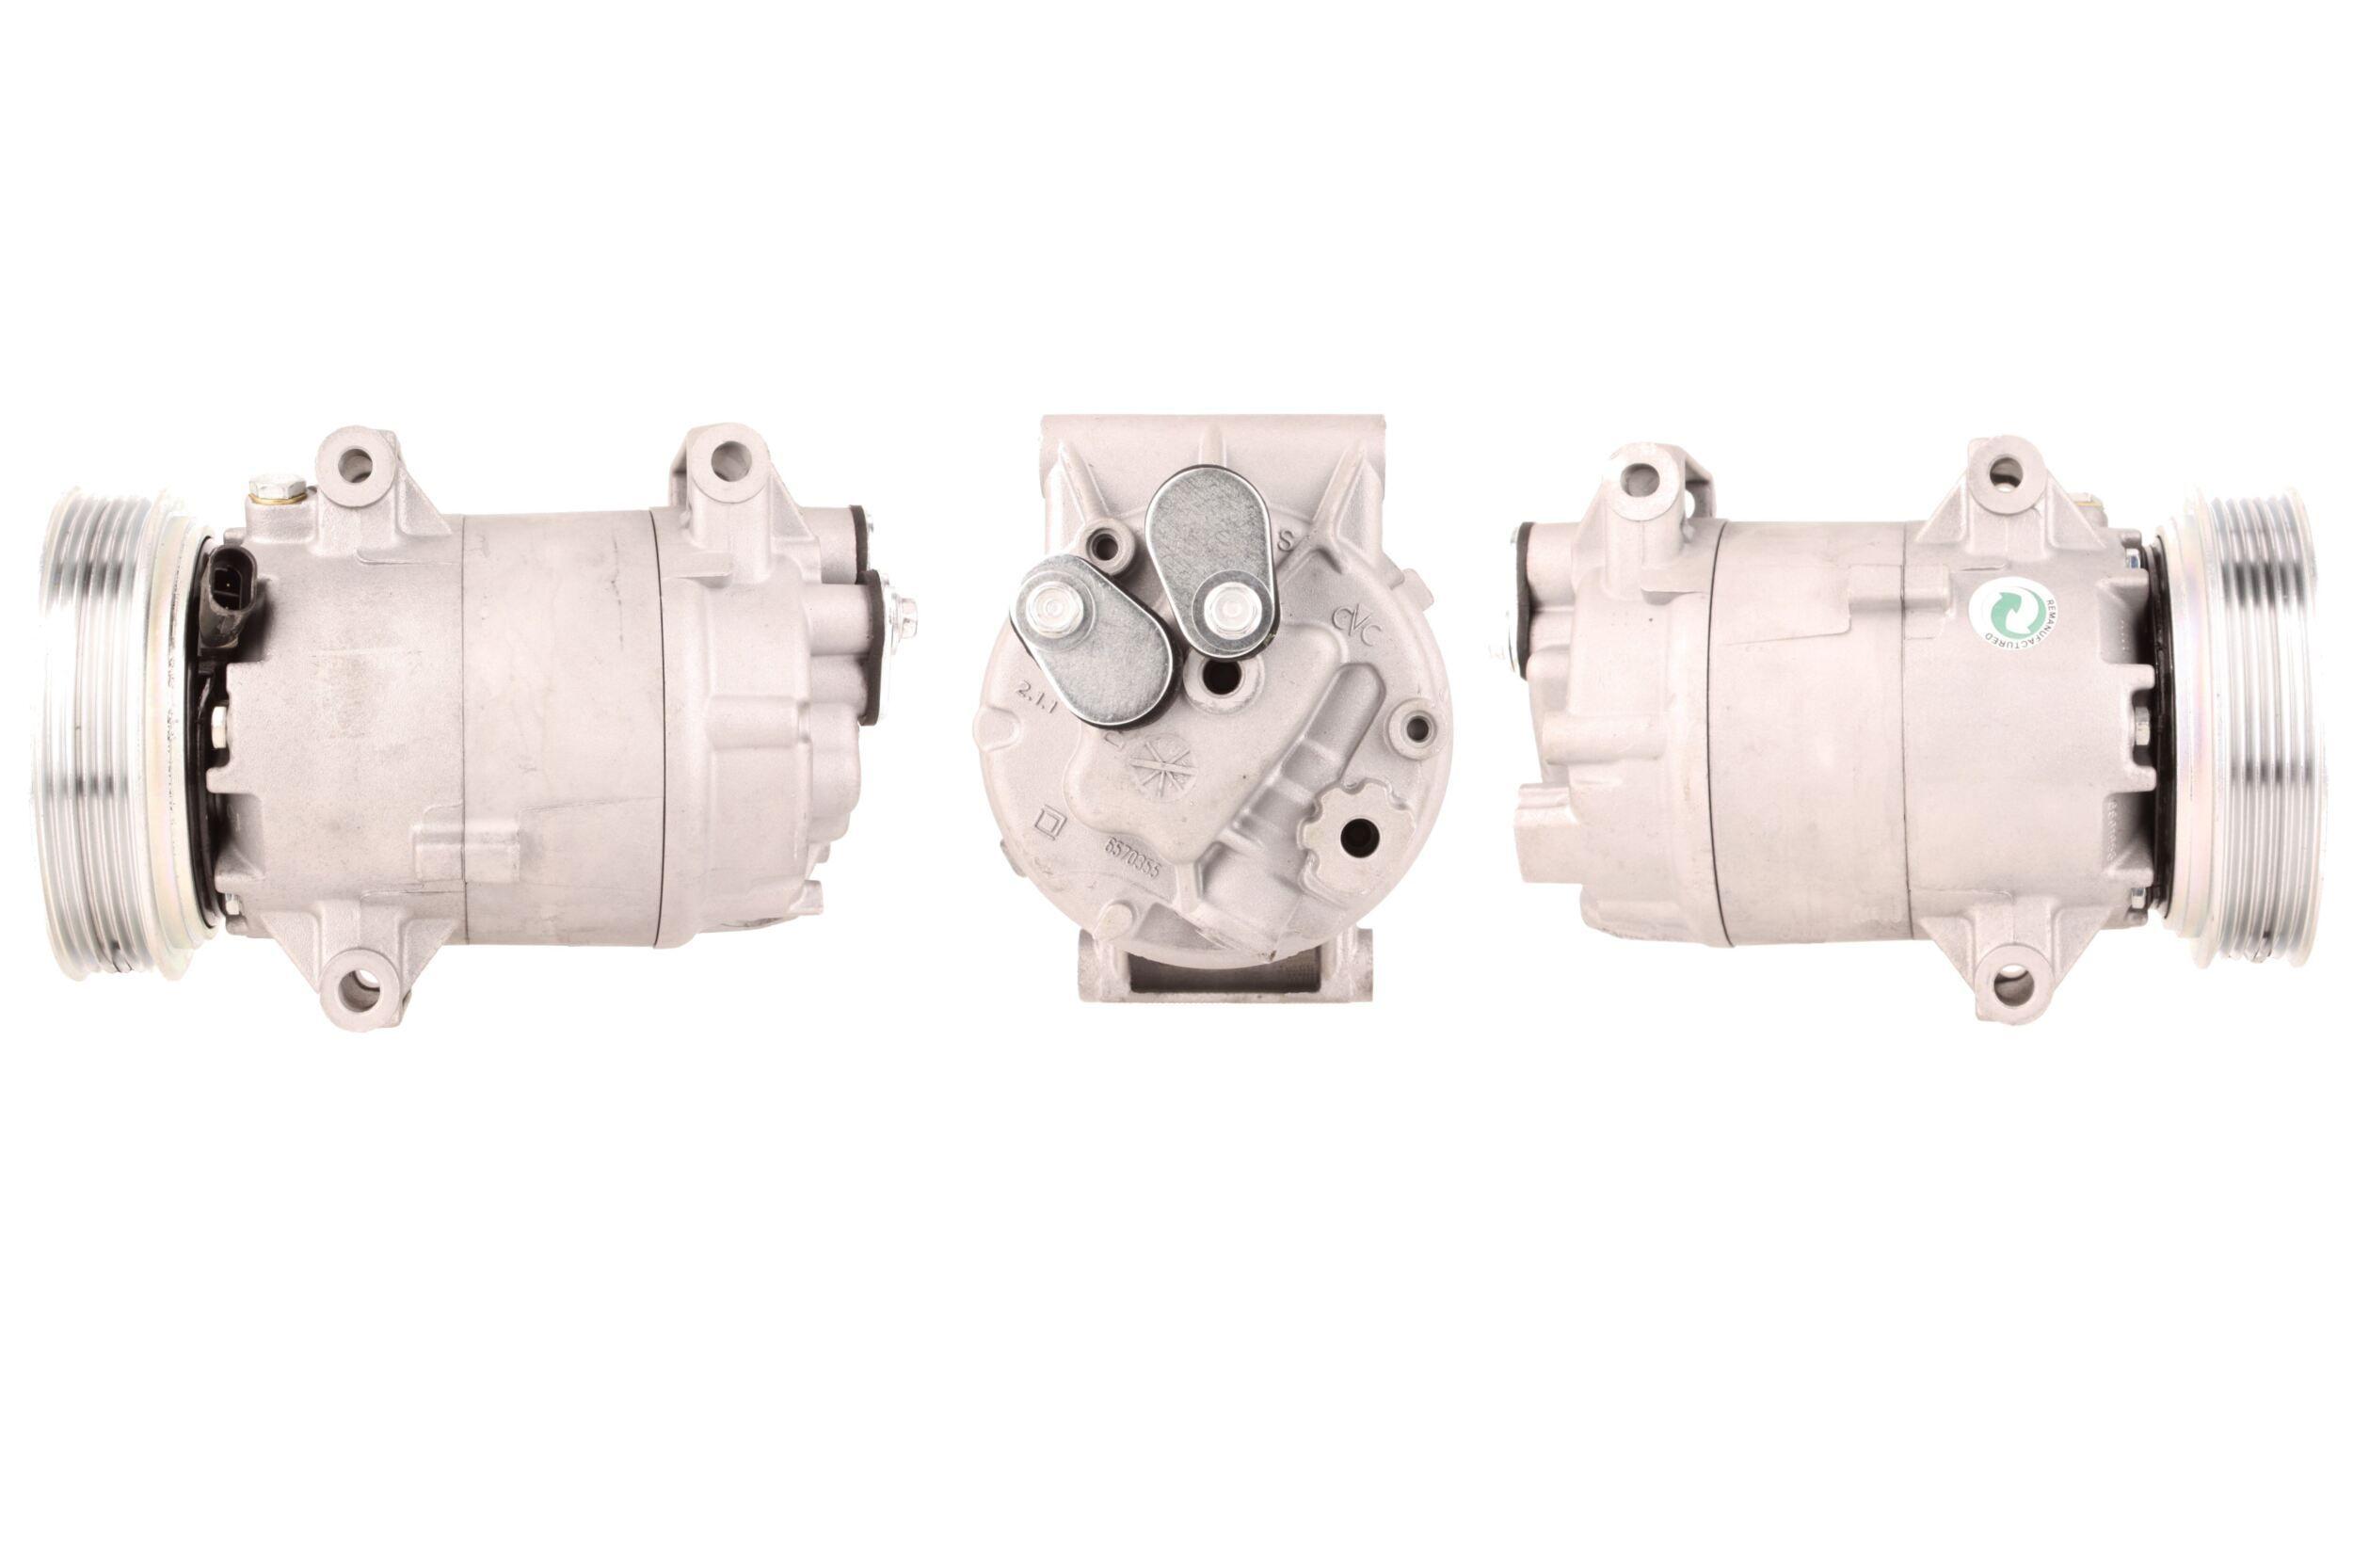 51-0094 ELSTOCK Kältemittel: R 134a Riemenscheiben-Ø: 130mm, Anzahl der Rillen: 6 Kompressor, Klimaanlage 51-0094 günstig kaufen